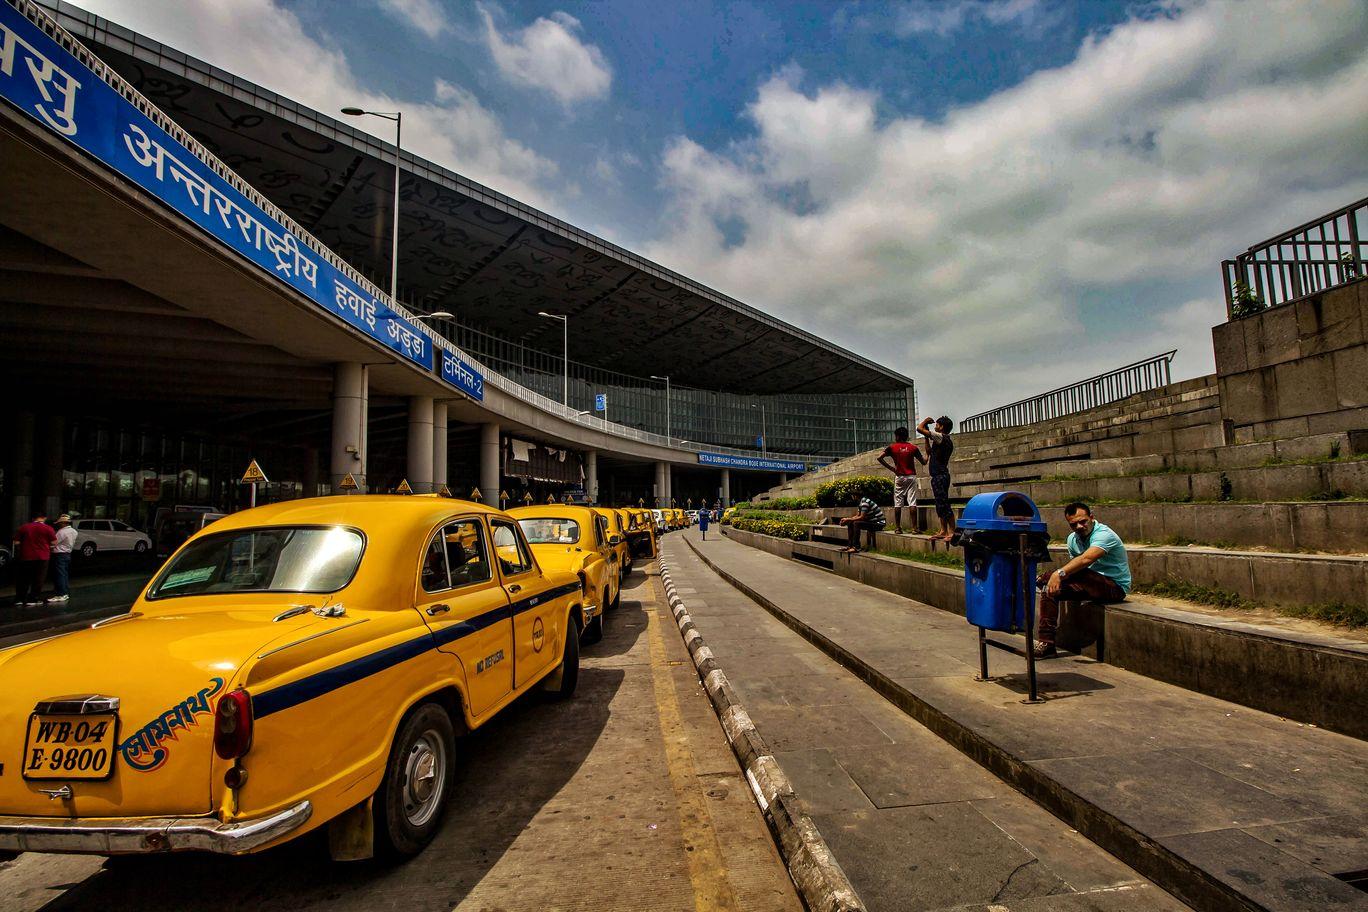 Photo of Kolkata By sandeep adatiya